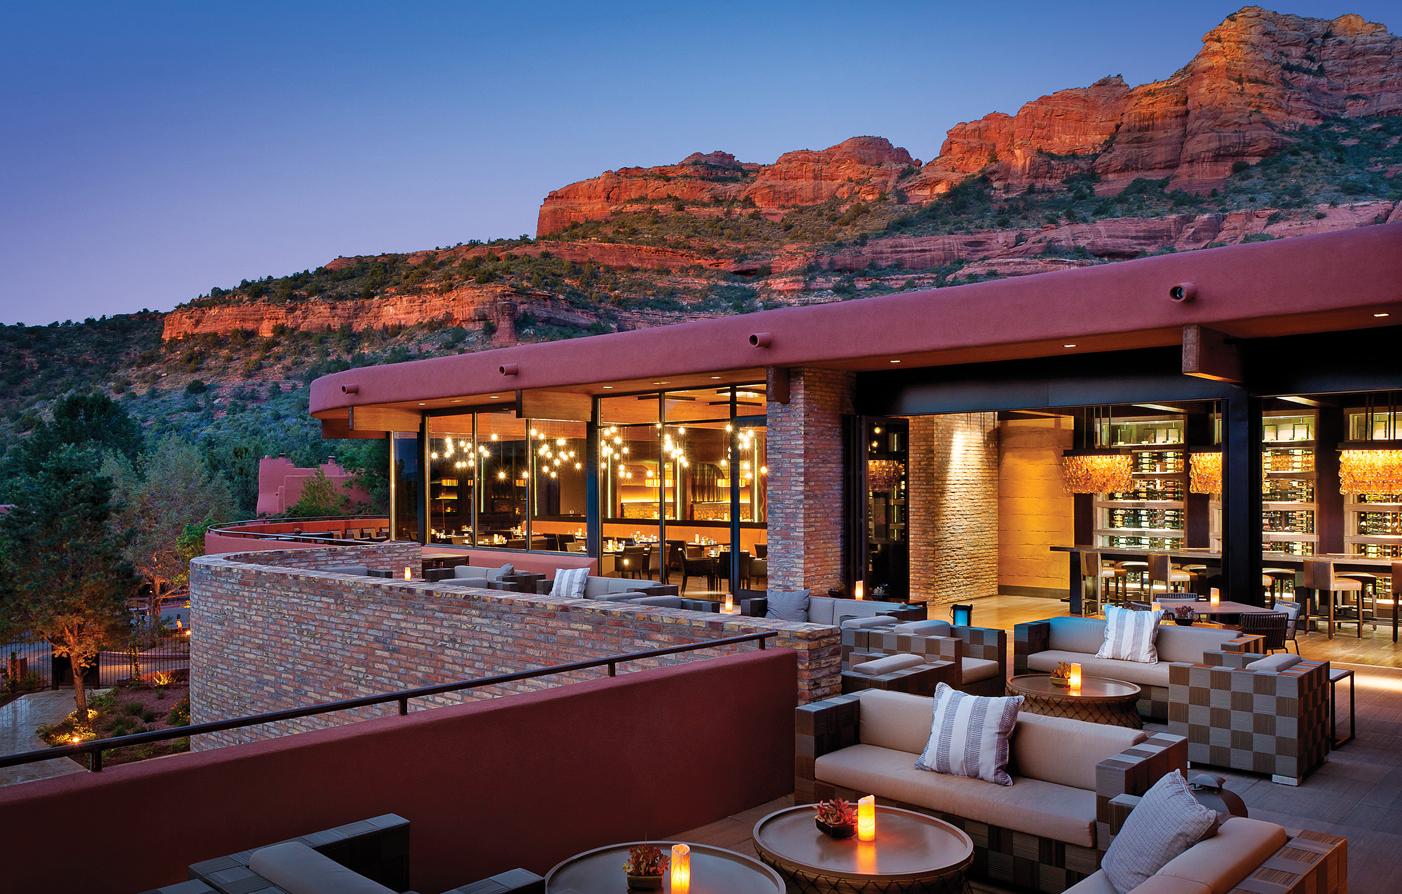 Enchantment Resort Sedona Dining Arizona Dining